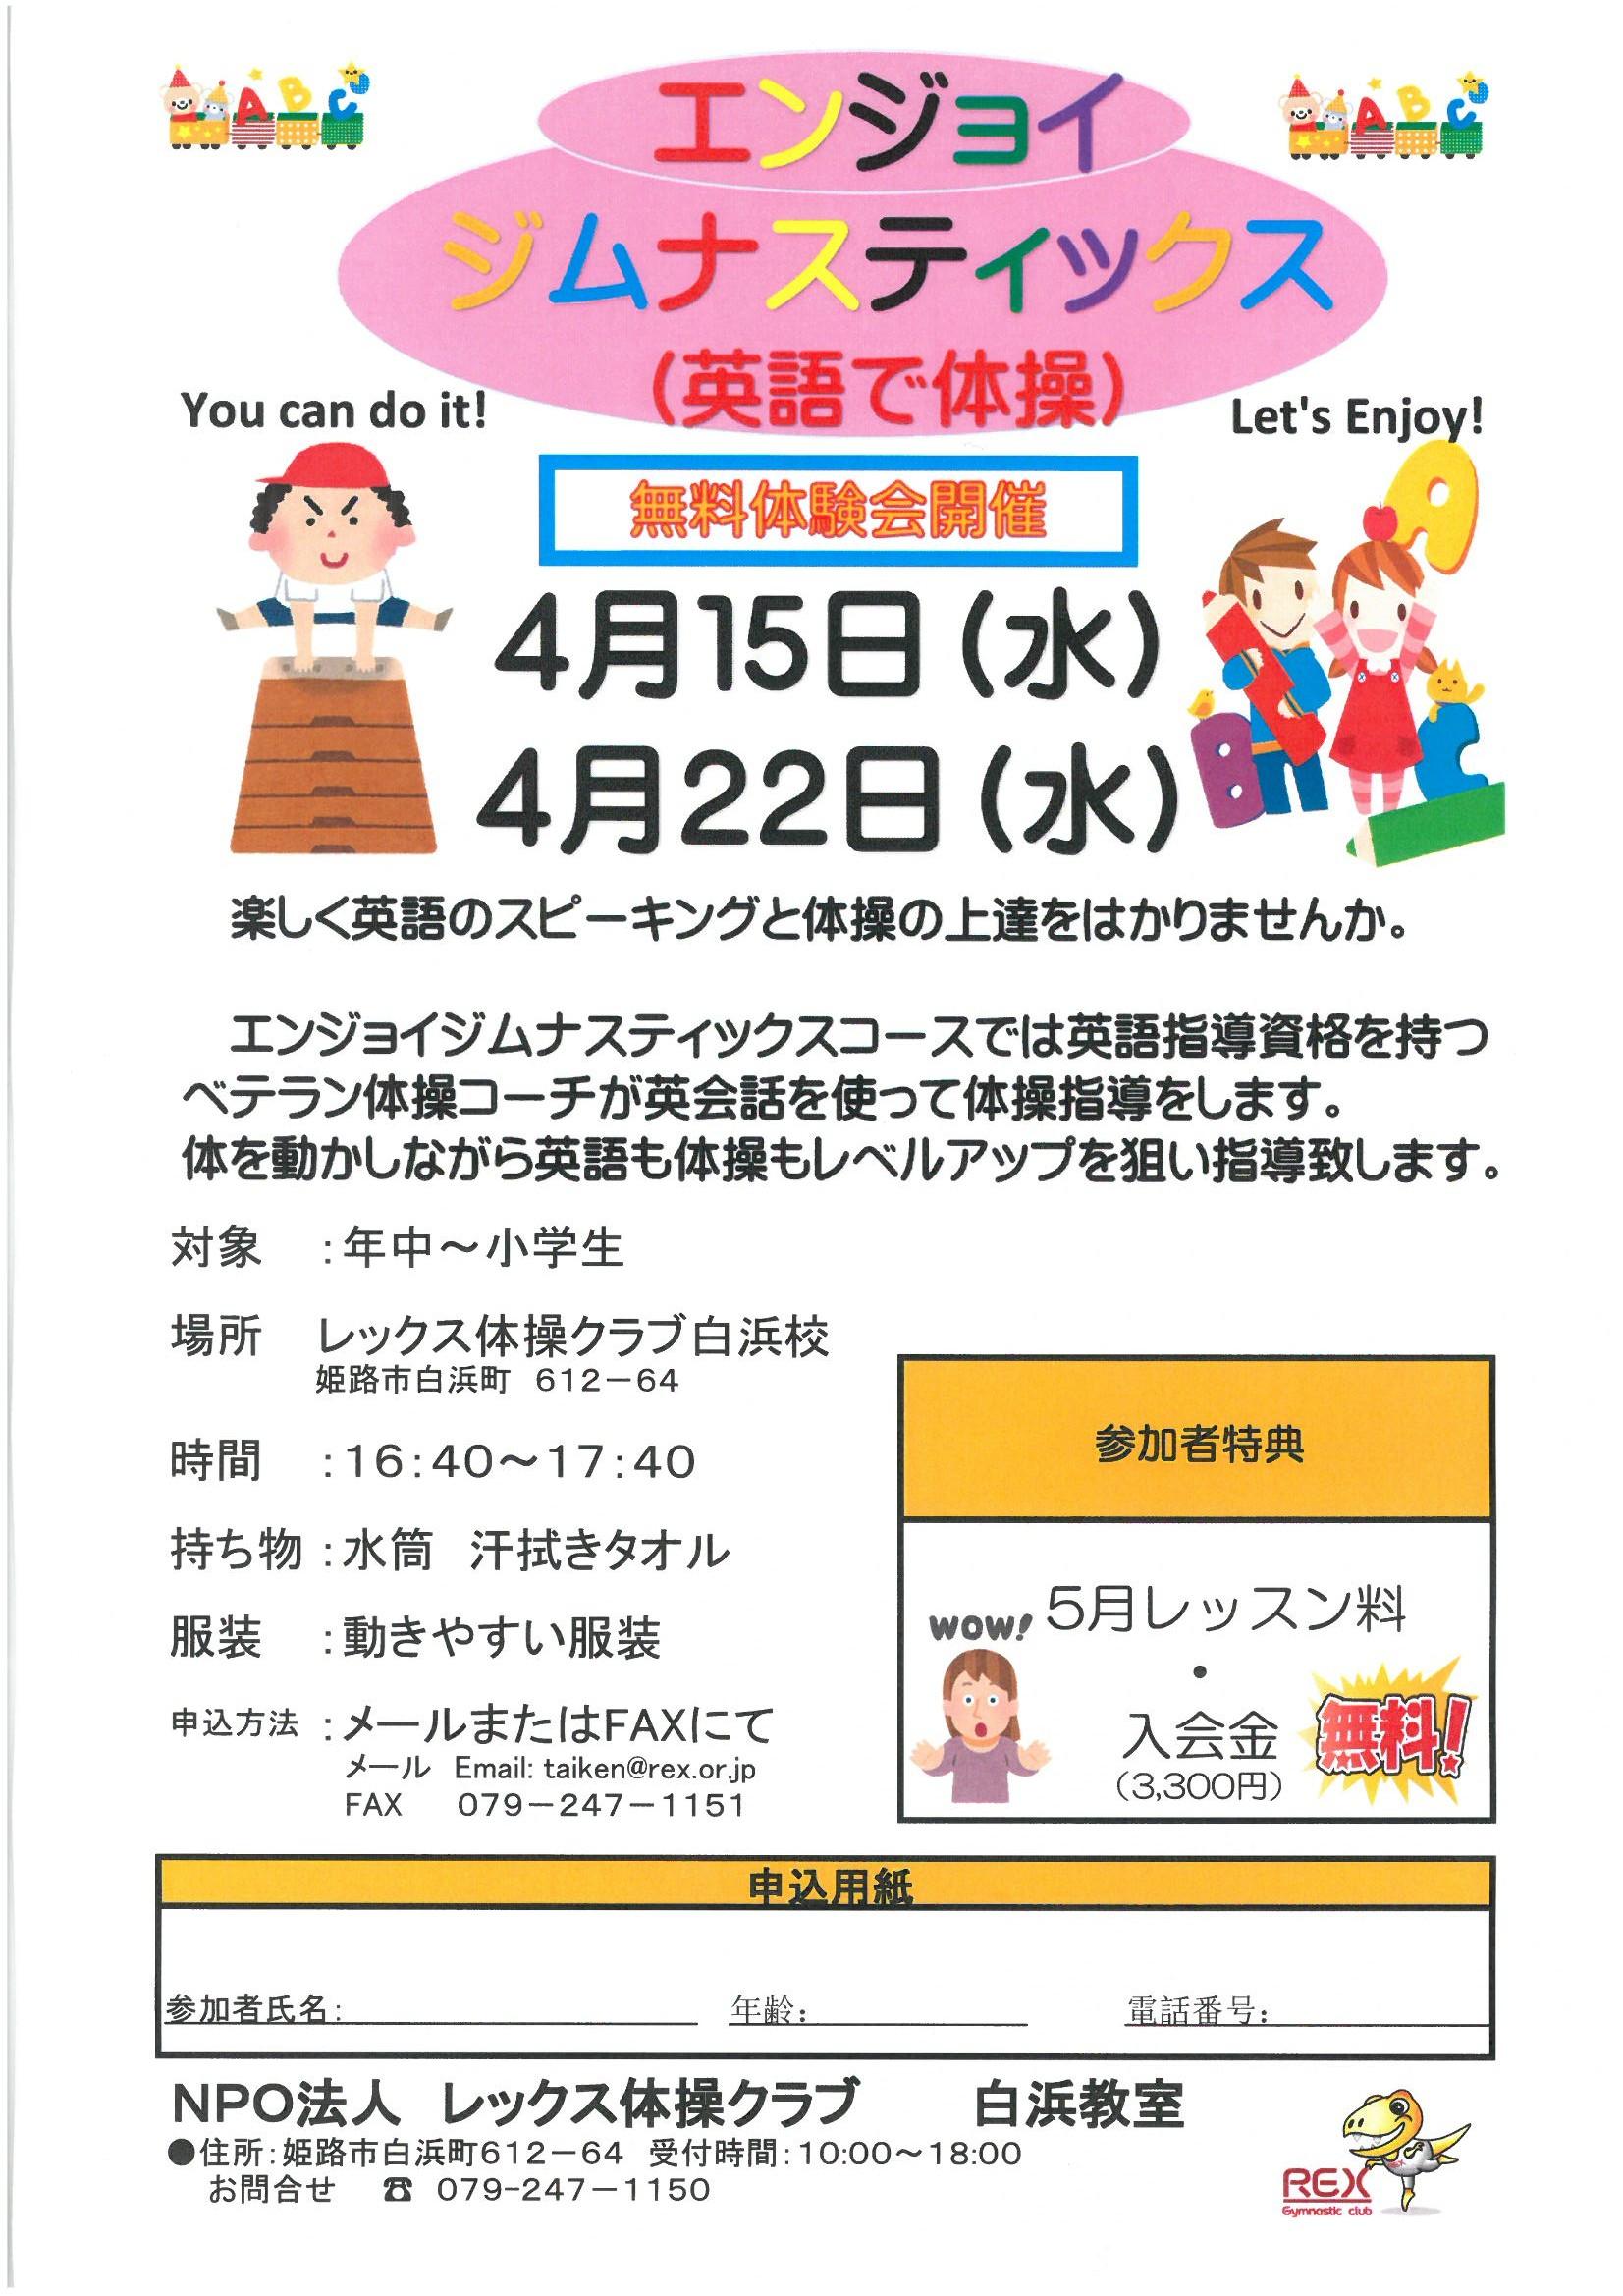 SKM_C224e20032711310_0001